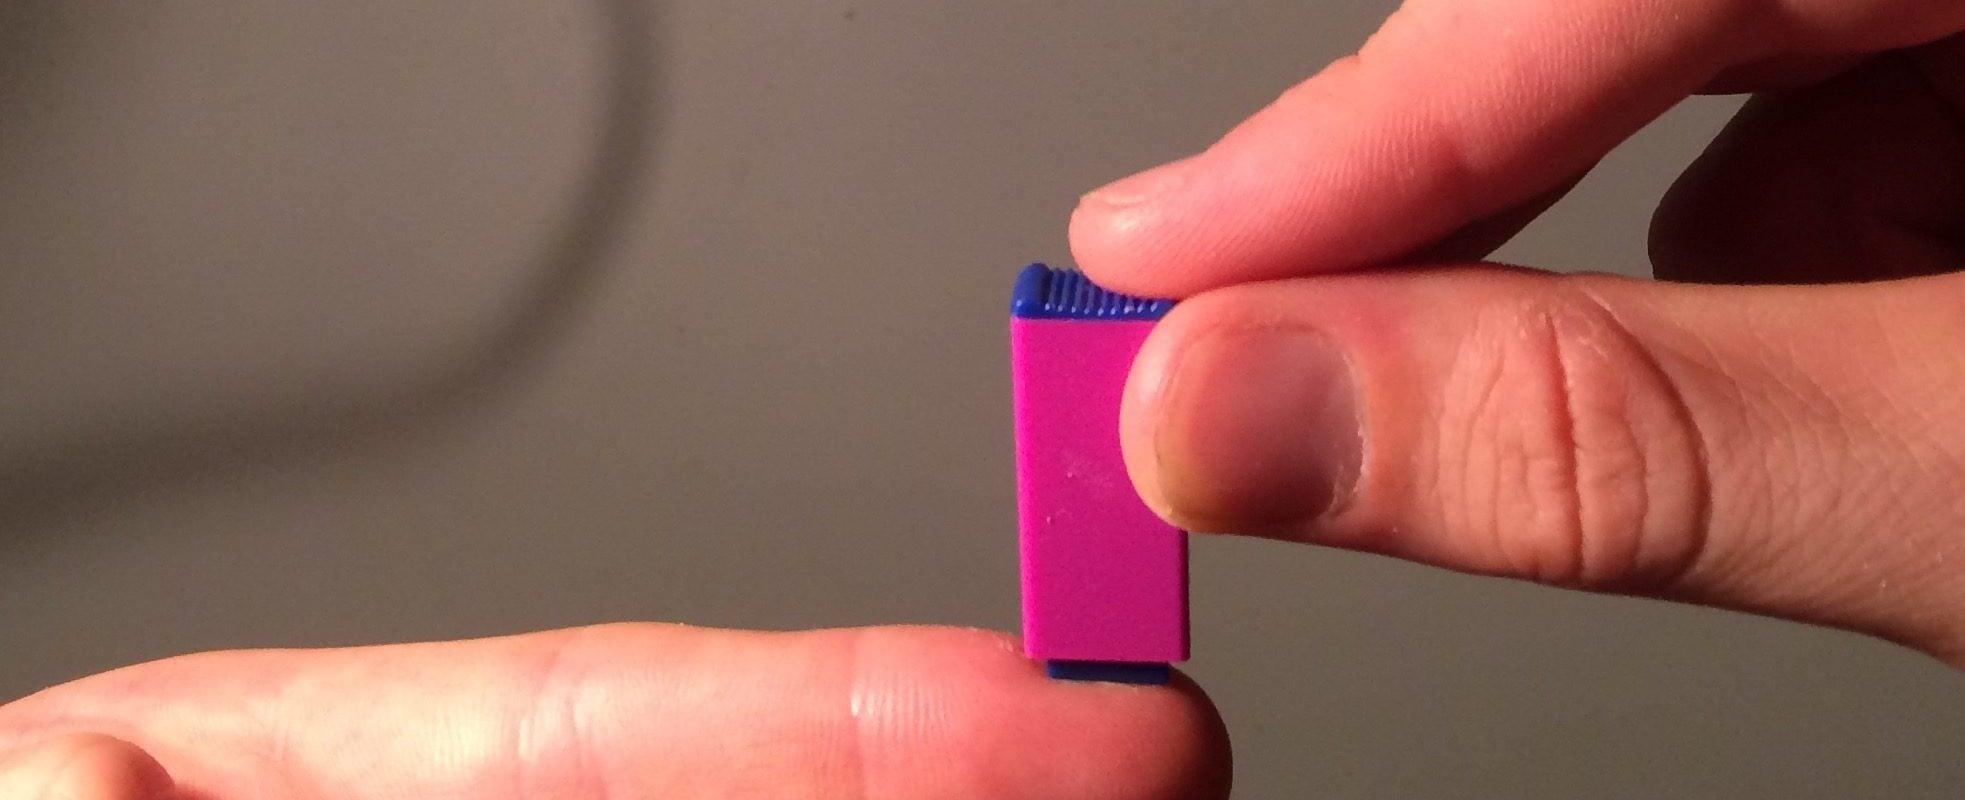 Un labo de Strasbourg lance un auto-test de dépistage du Sida à 10€